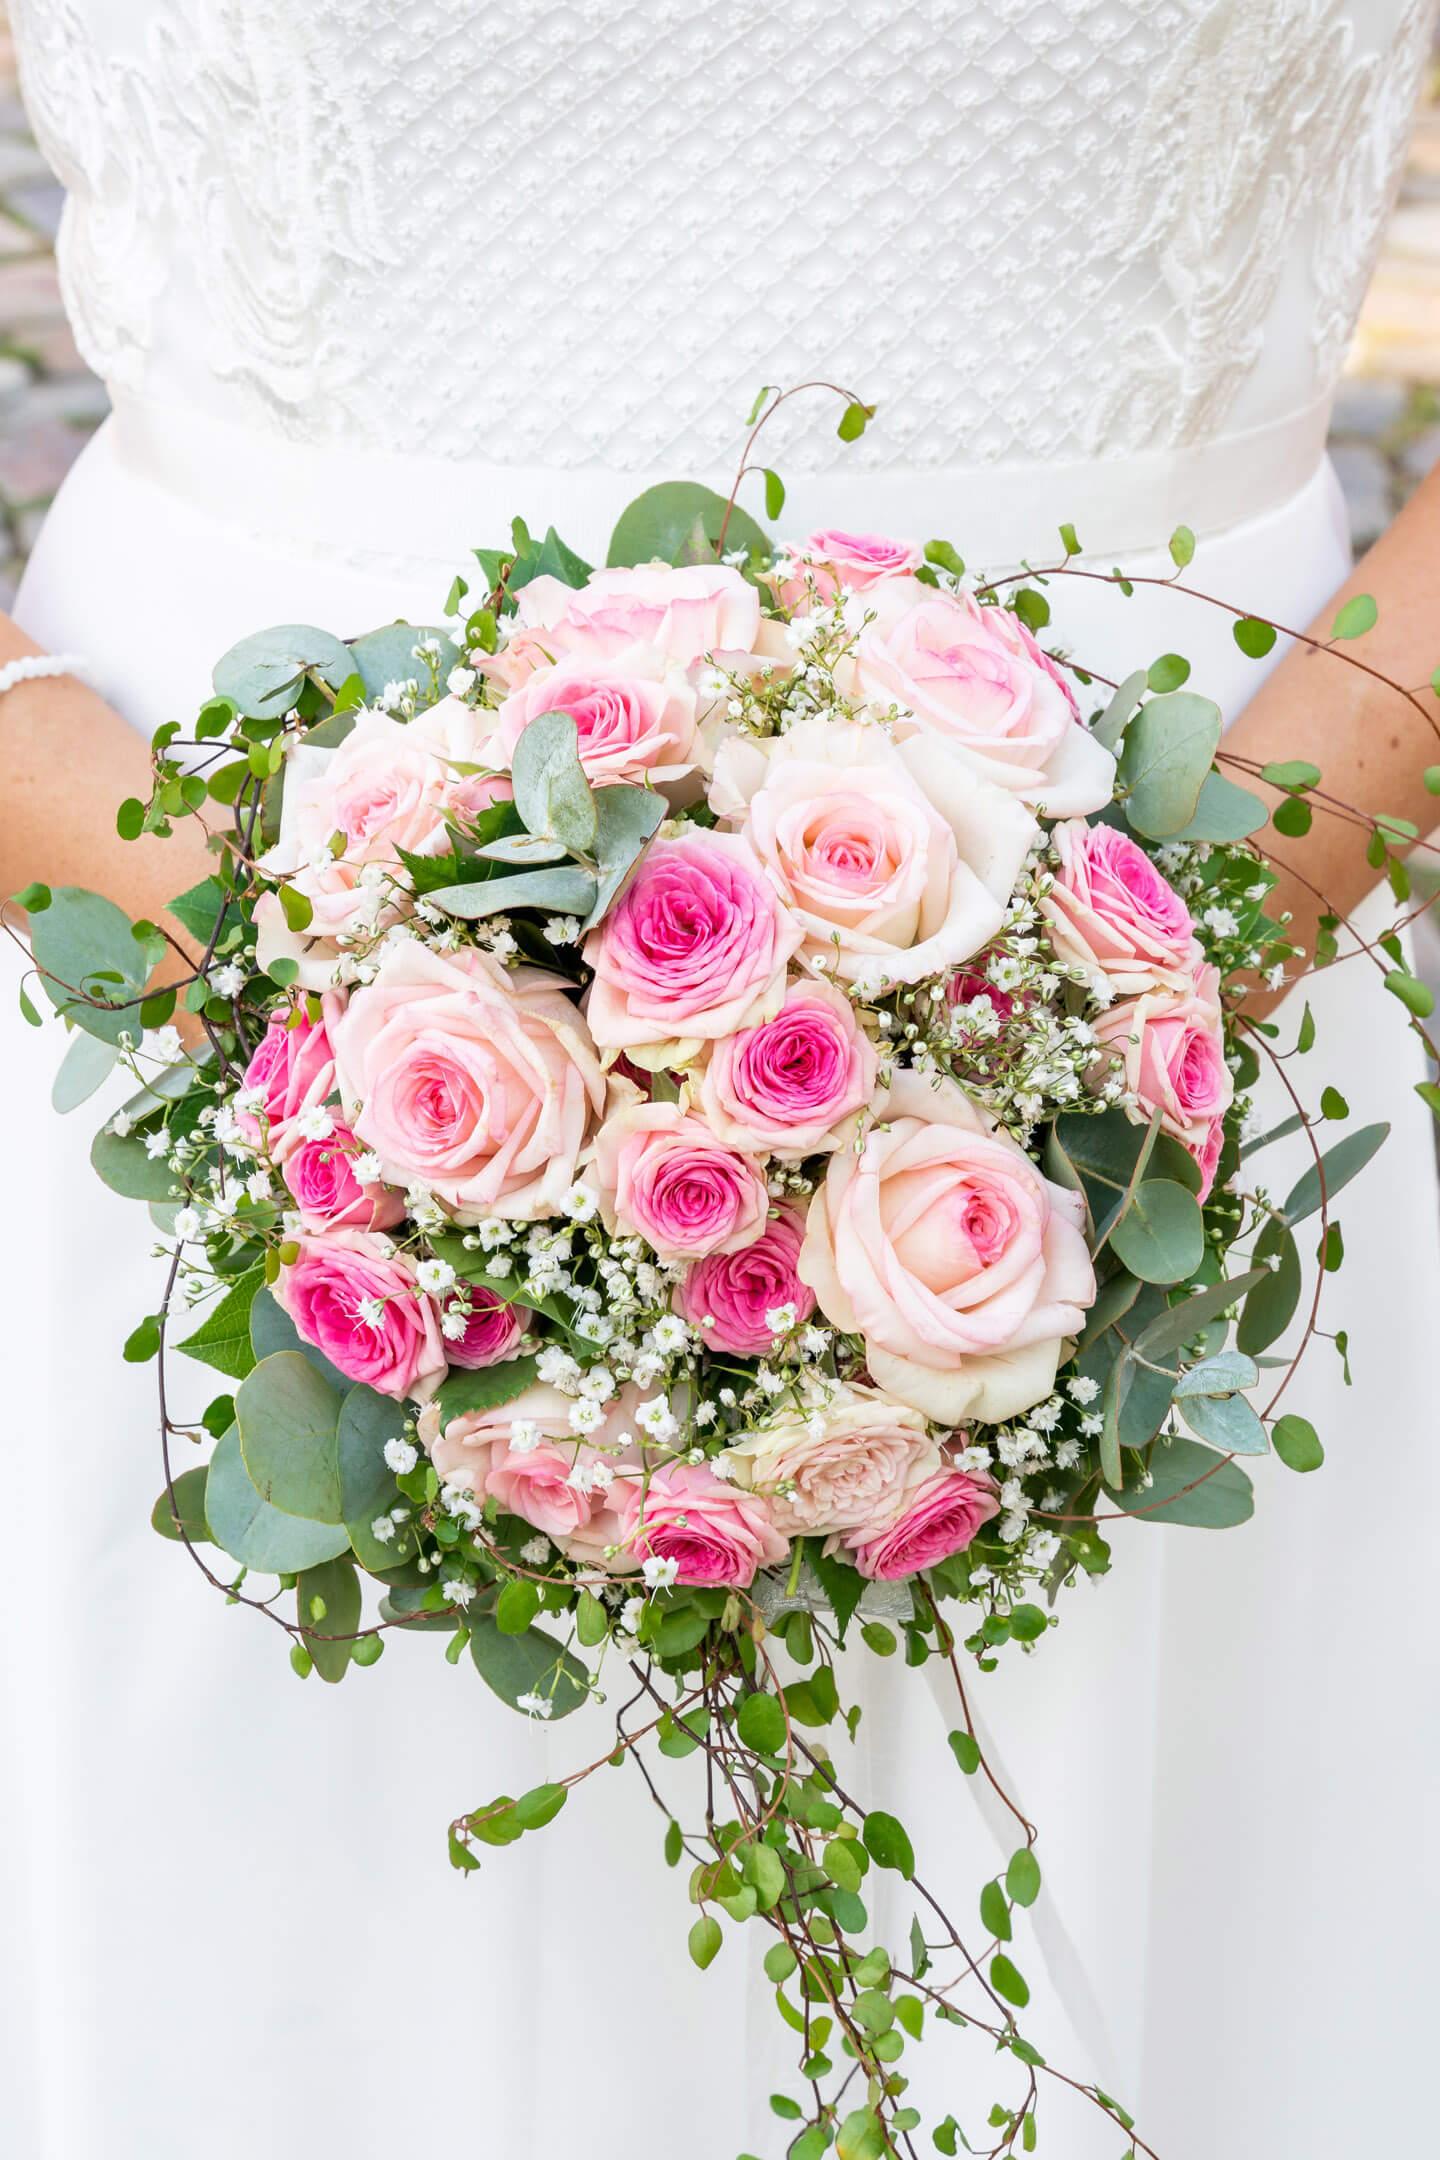 Traumhafter Brautstrauss mit rosafarbenen Rosen